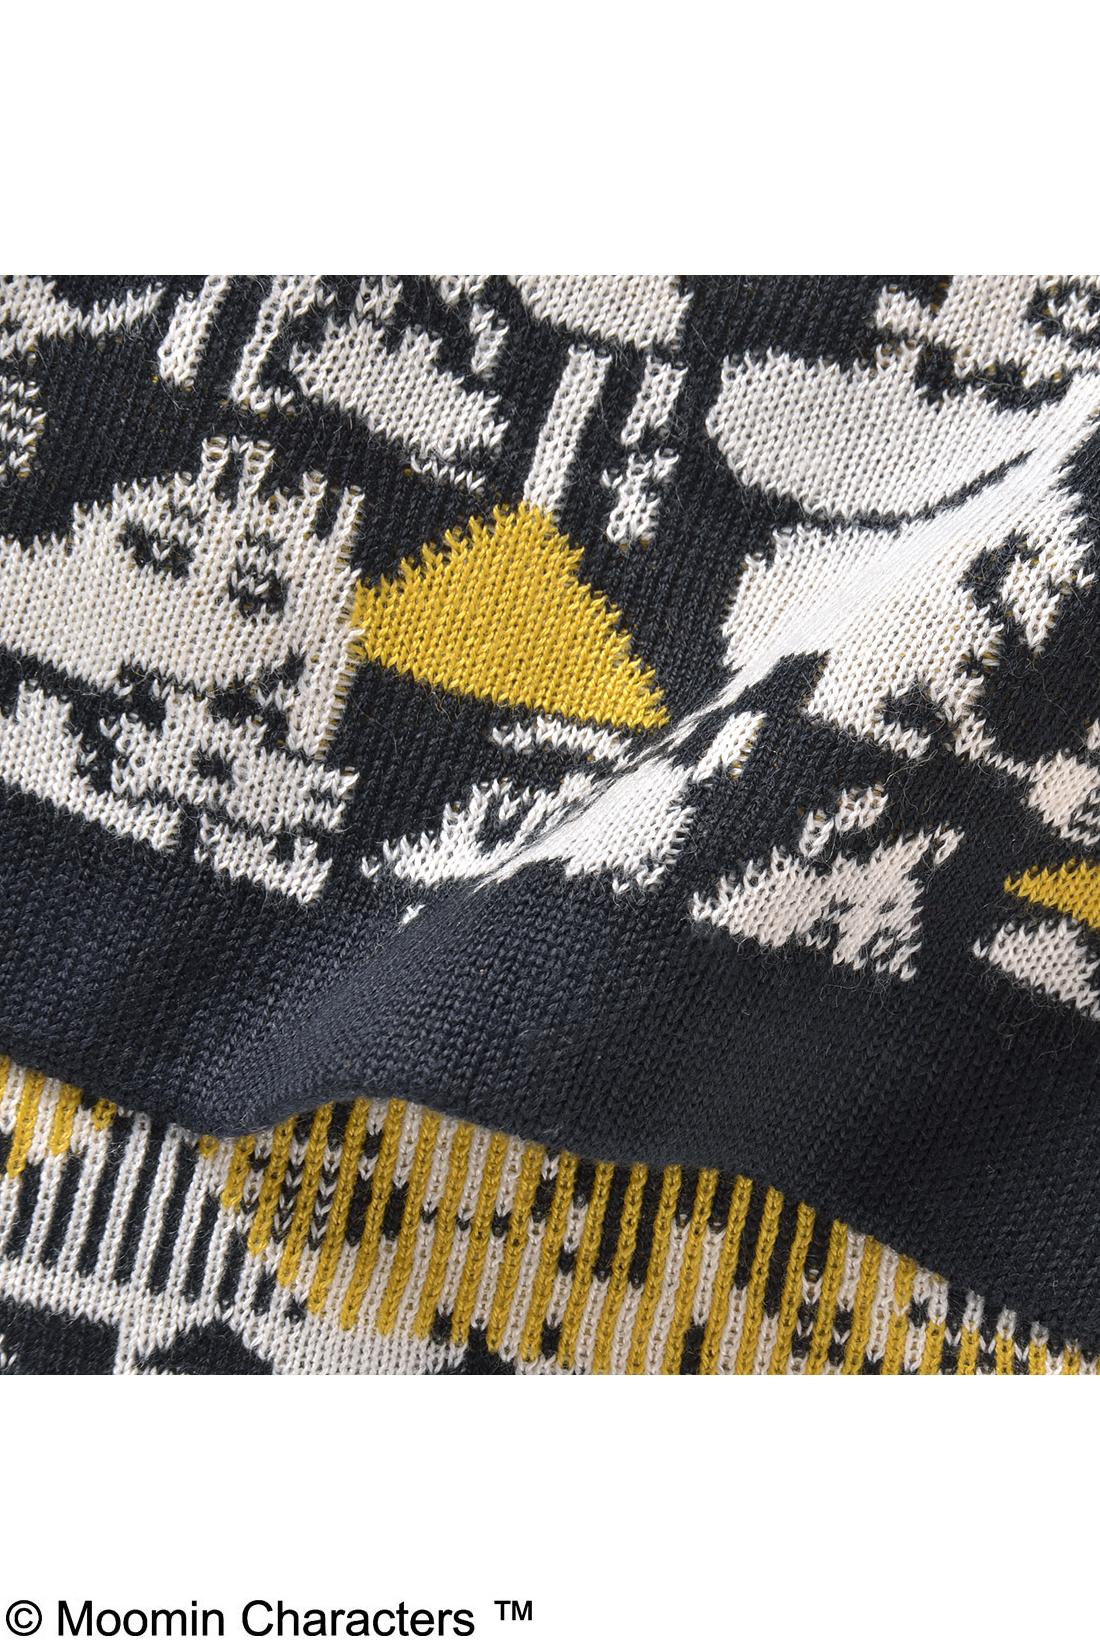 ムーミンと仲間たちをジャカード編みで表現した力作。ファニーな表情がかわいいね。